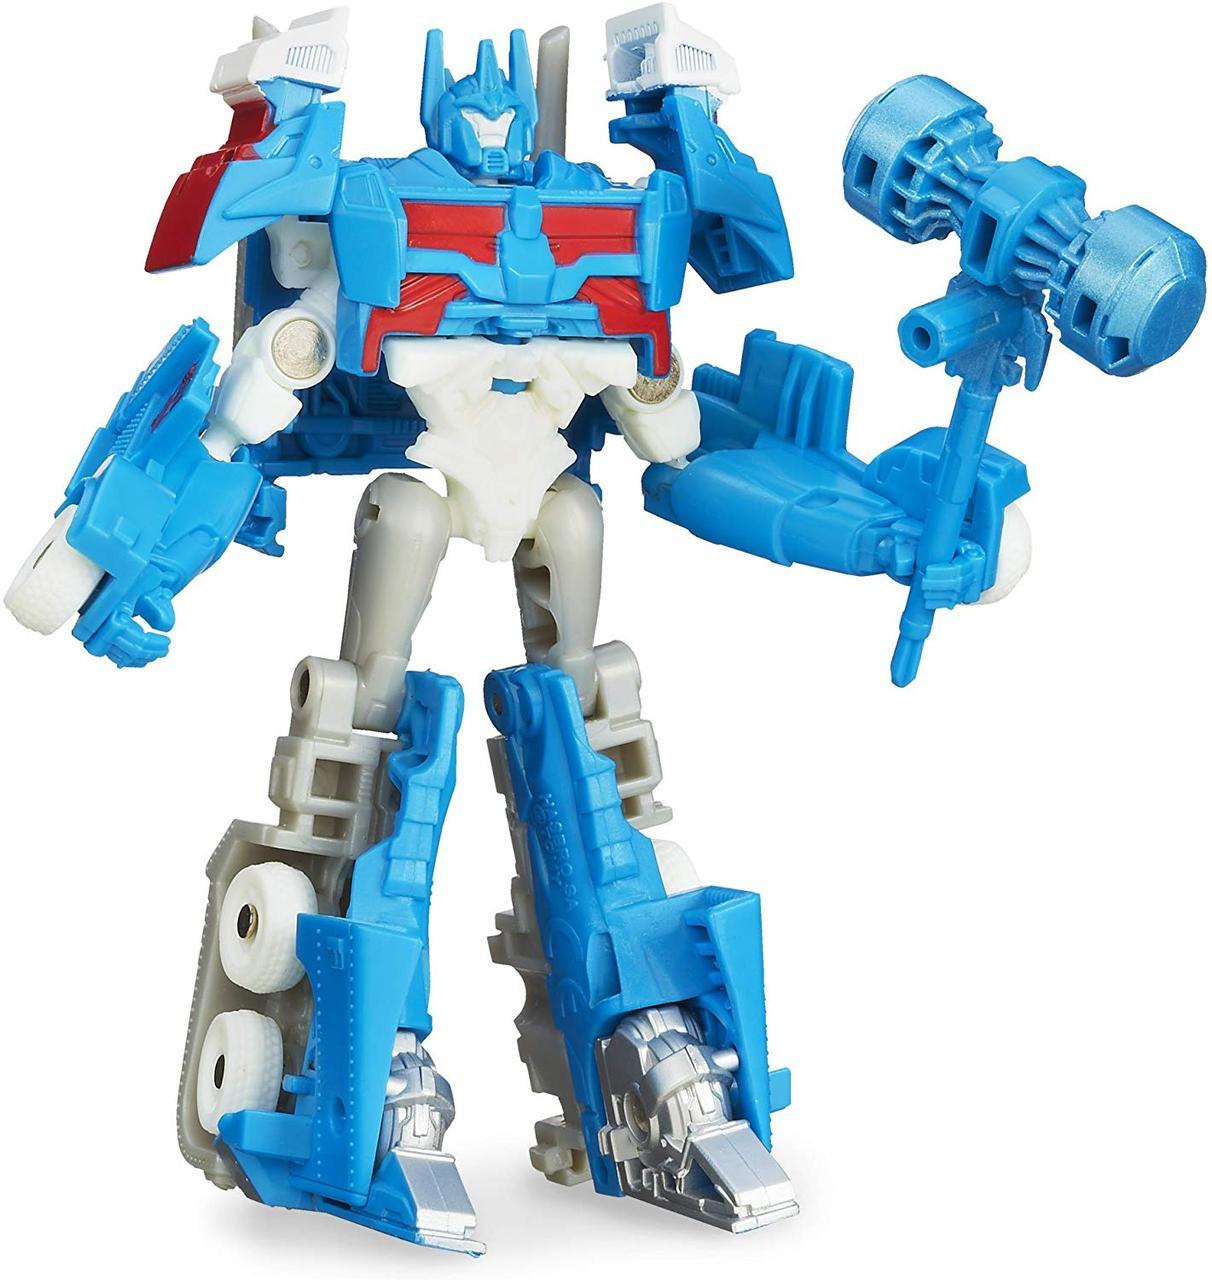 Трансформер Hasbro, Ультра Магнус, Трнасформеры Прайм 8 см - Ultra Magnus, Commander Class, Beast Hunters